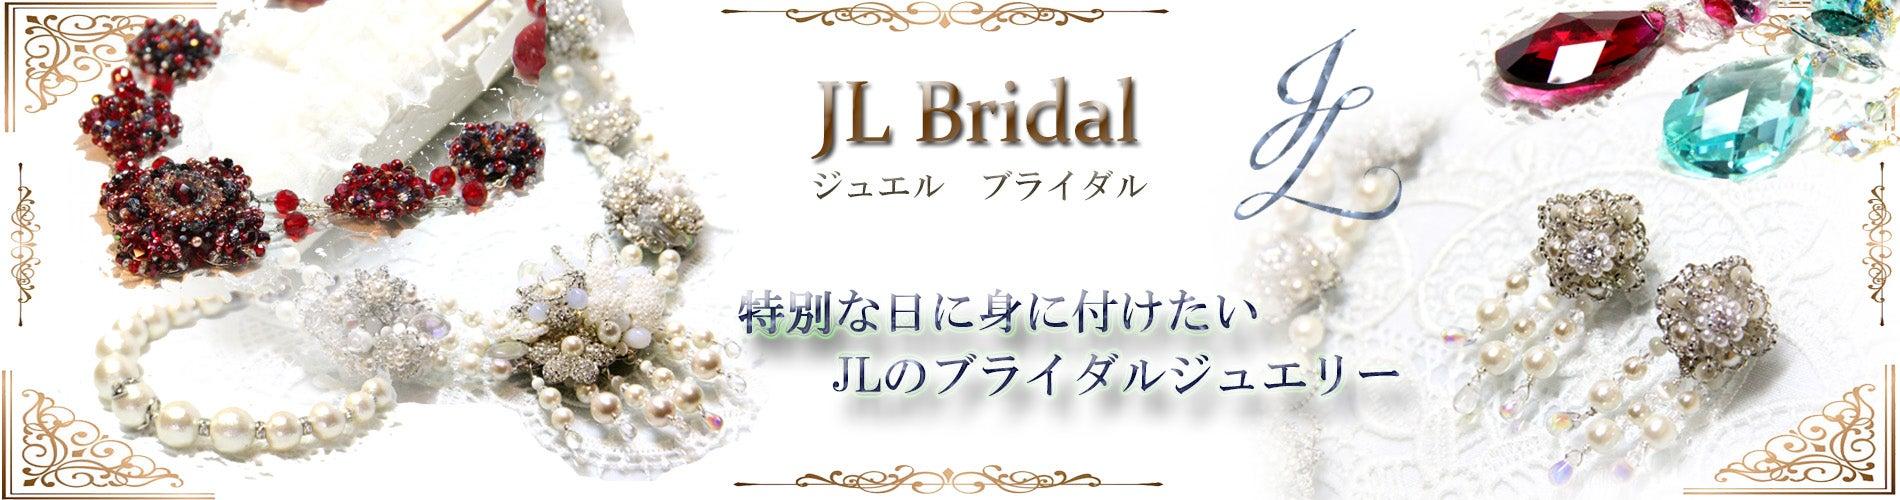 JLブライダル